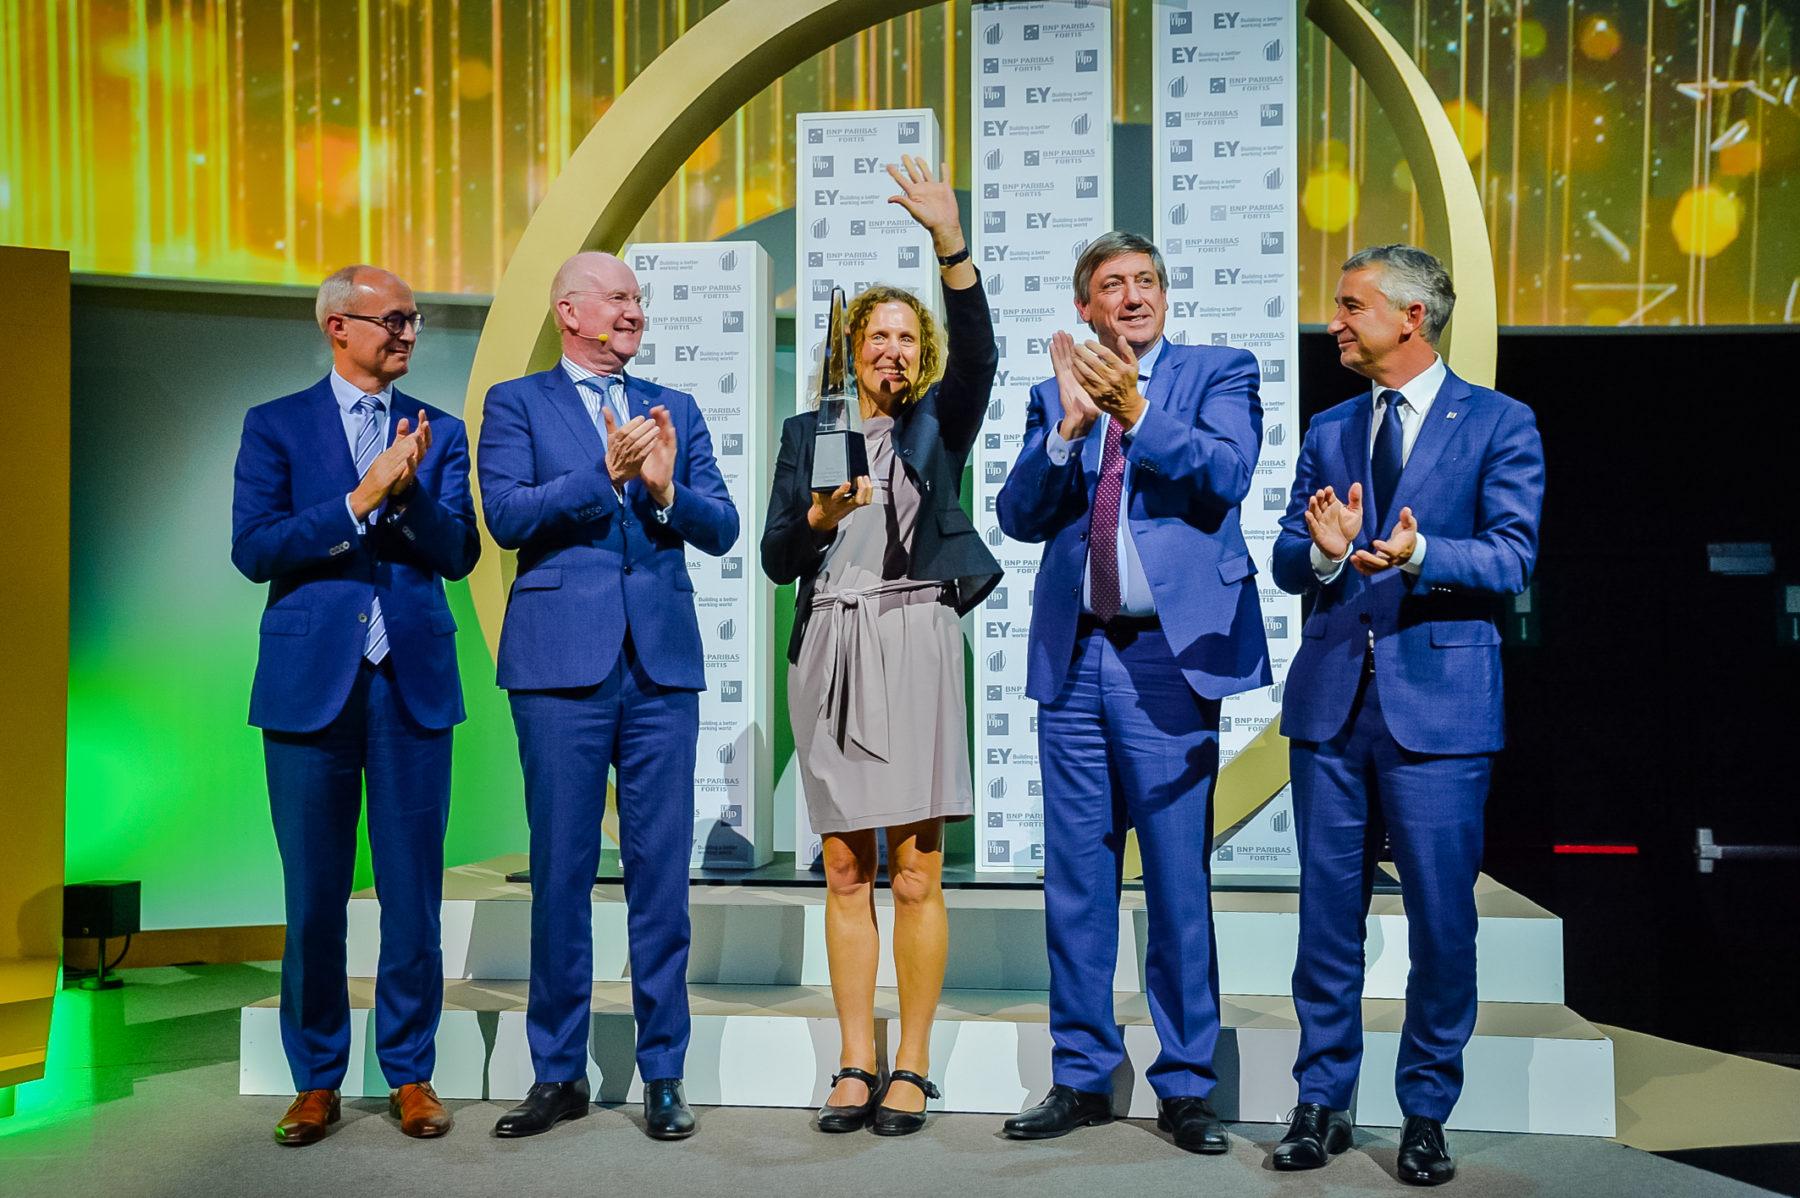 Guardsquare Wins the  'Prijs van de Vlaamse Regering voor de Scale-up van het Jaar' 2019